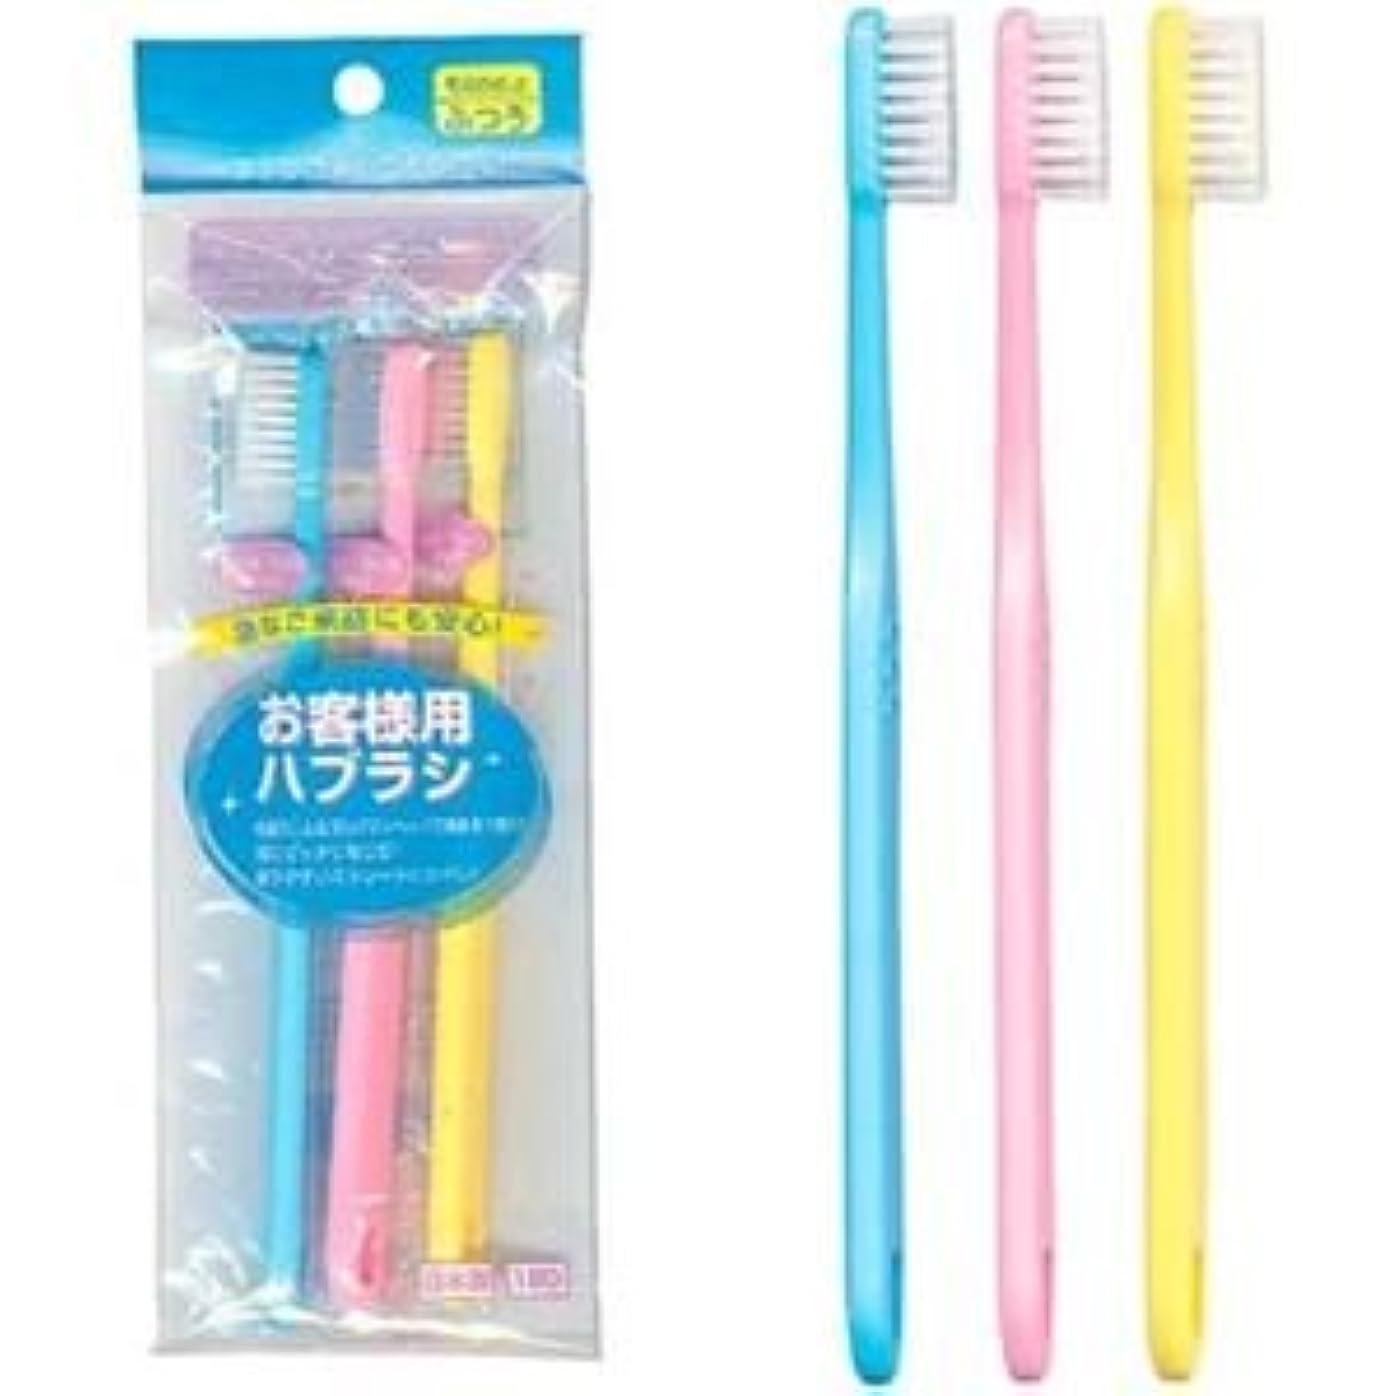 平等床プラカードお客様用歯ブラシ(3P) 【12個セット】 41-006